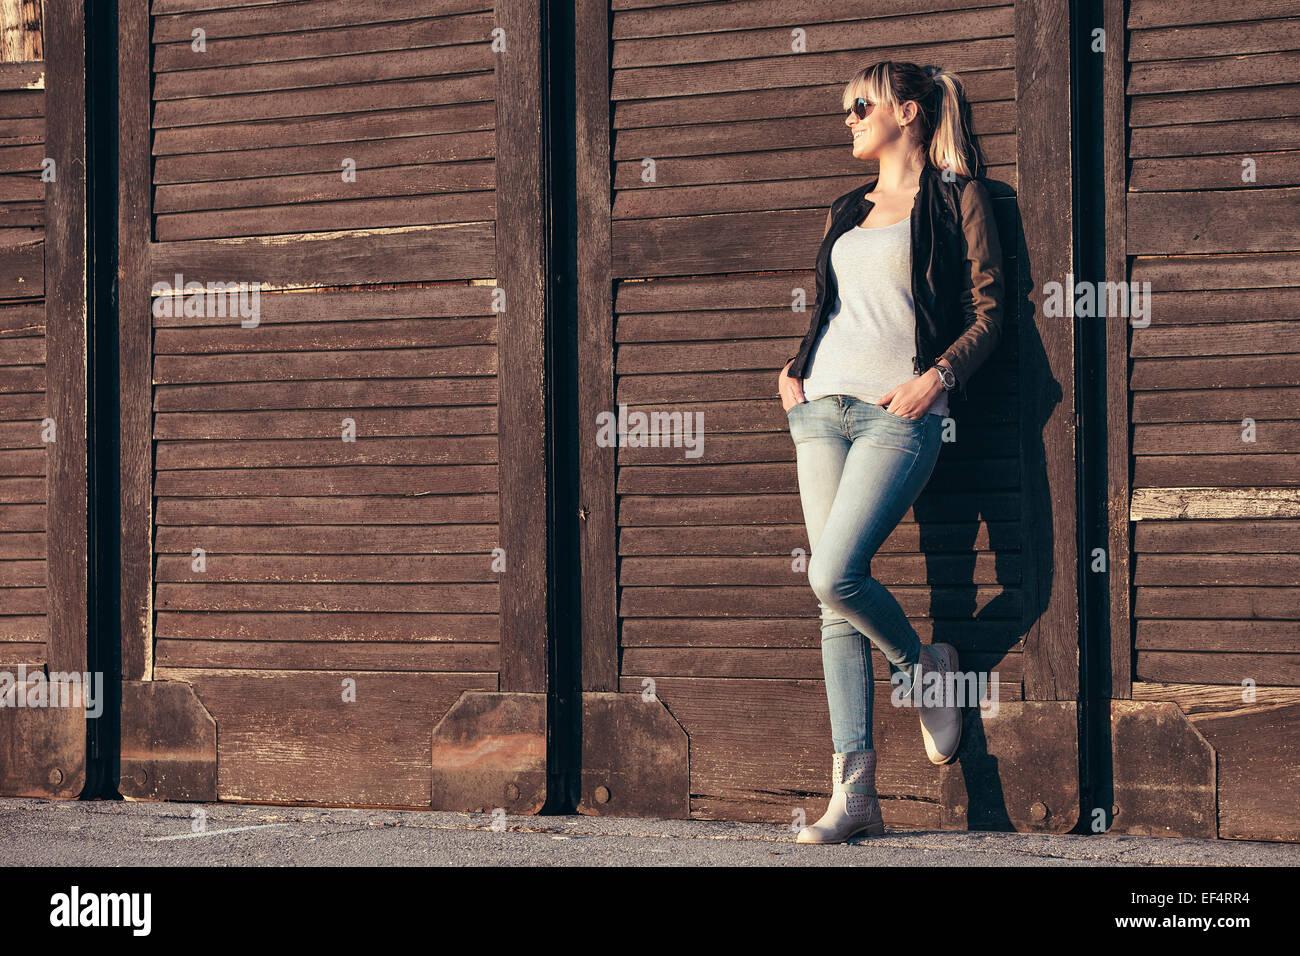 Portrait de jeune femme avec des lunettes contre porte en bois Photo Stock